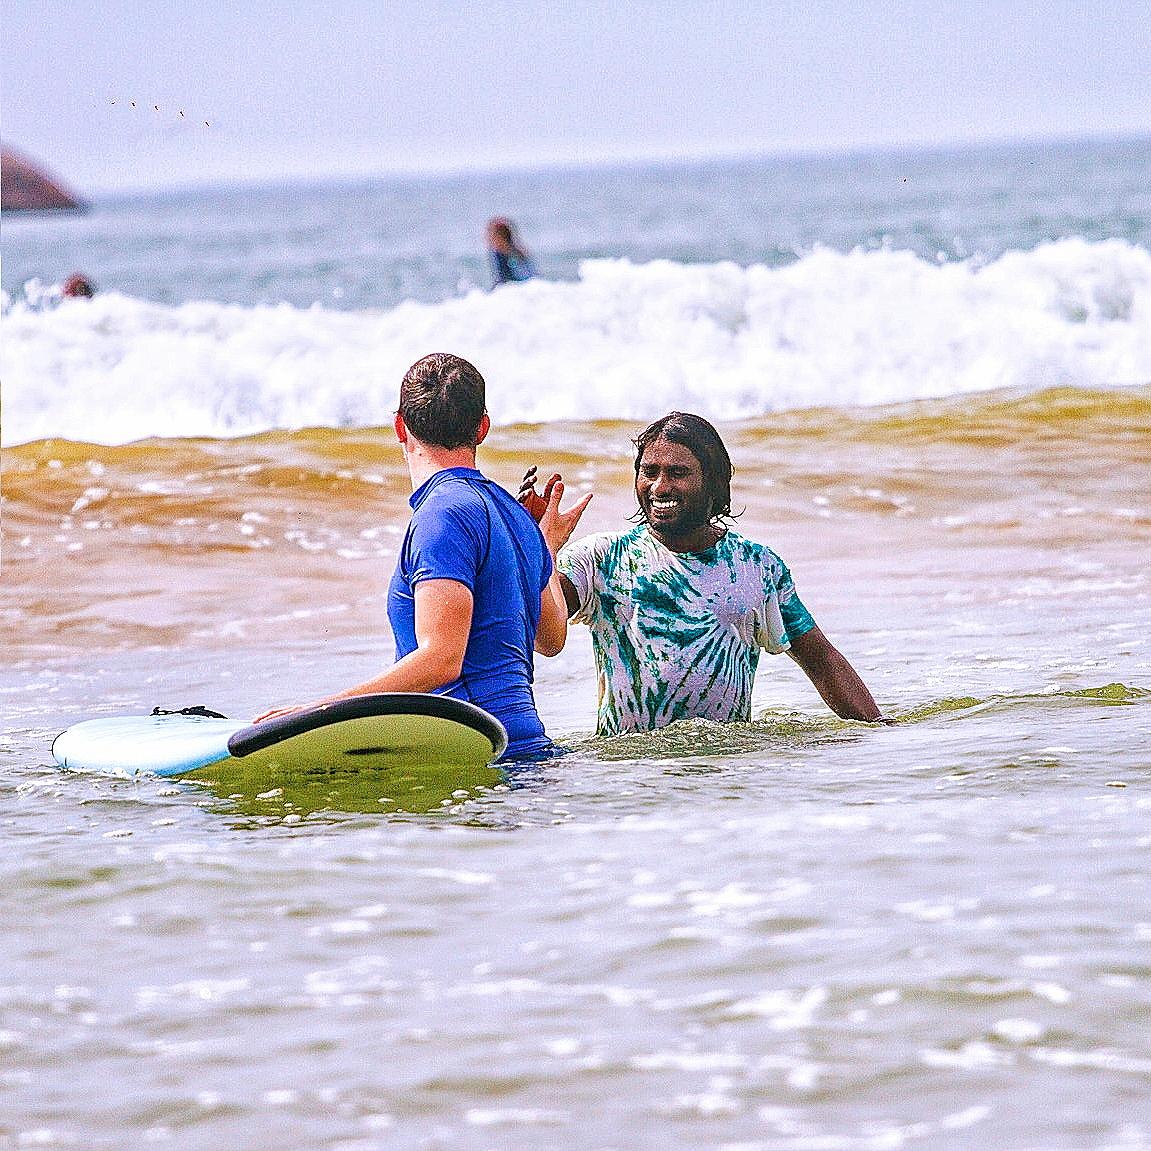 Privat surf lesson